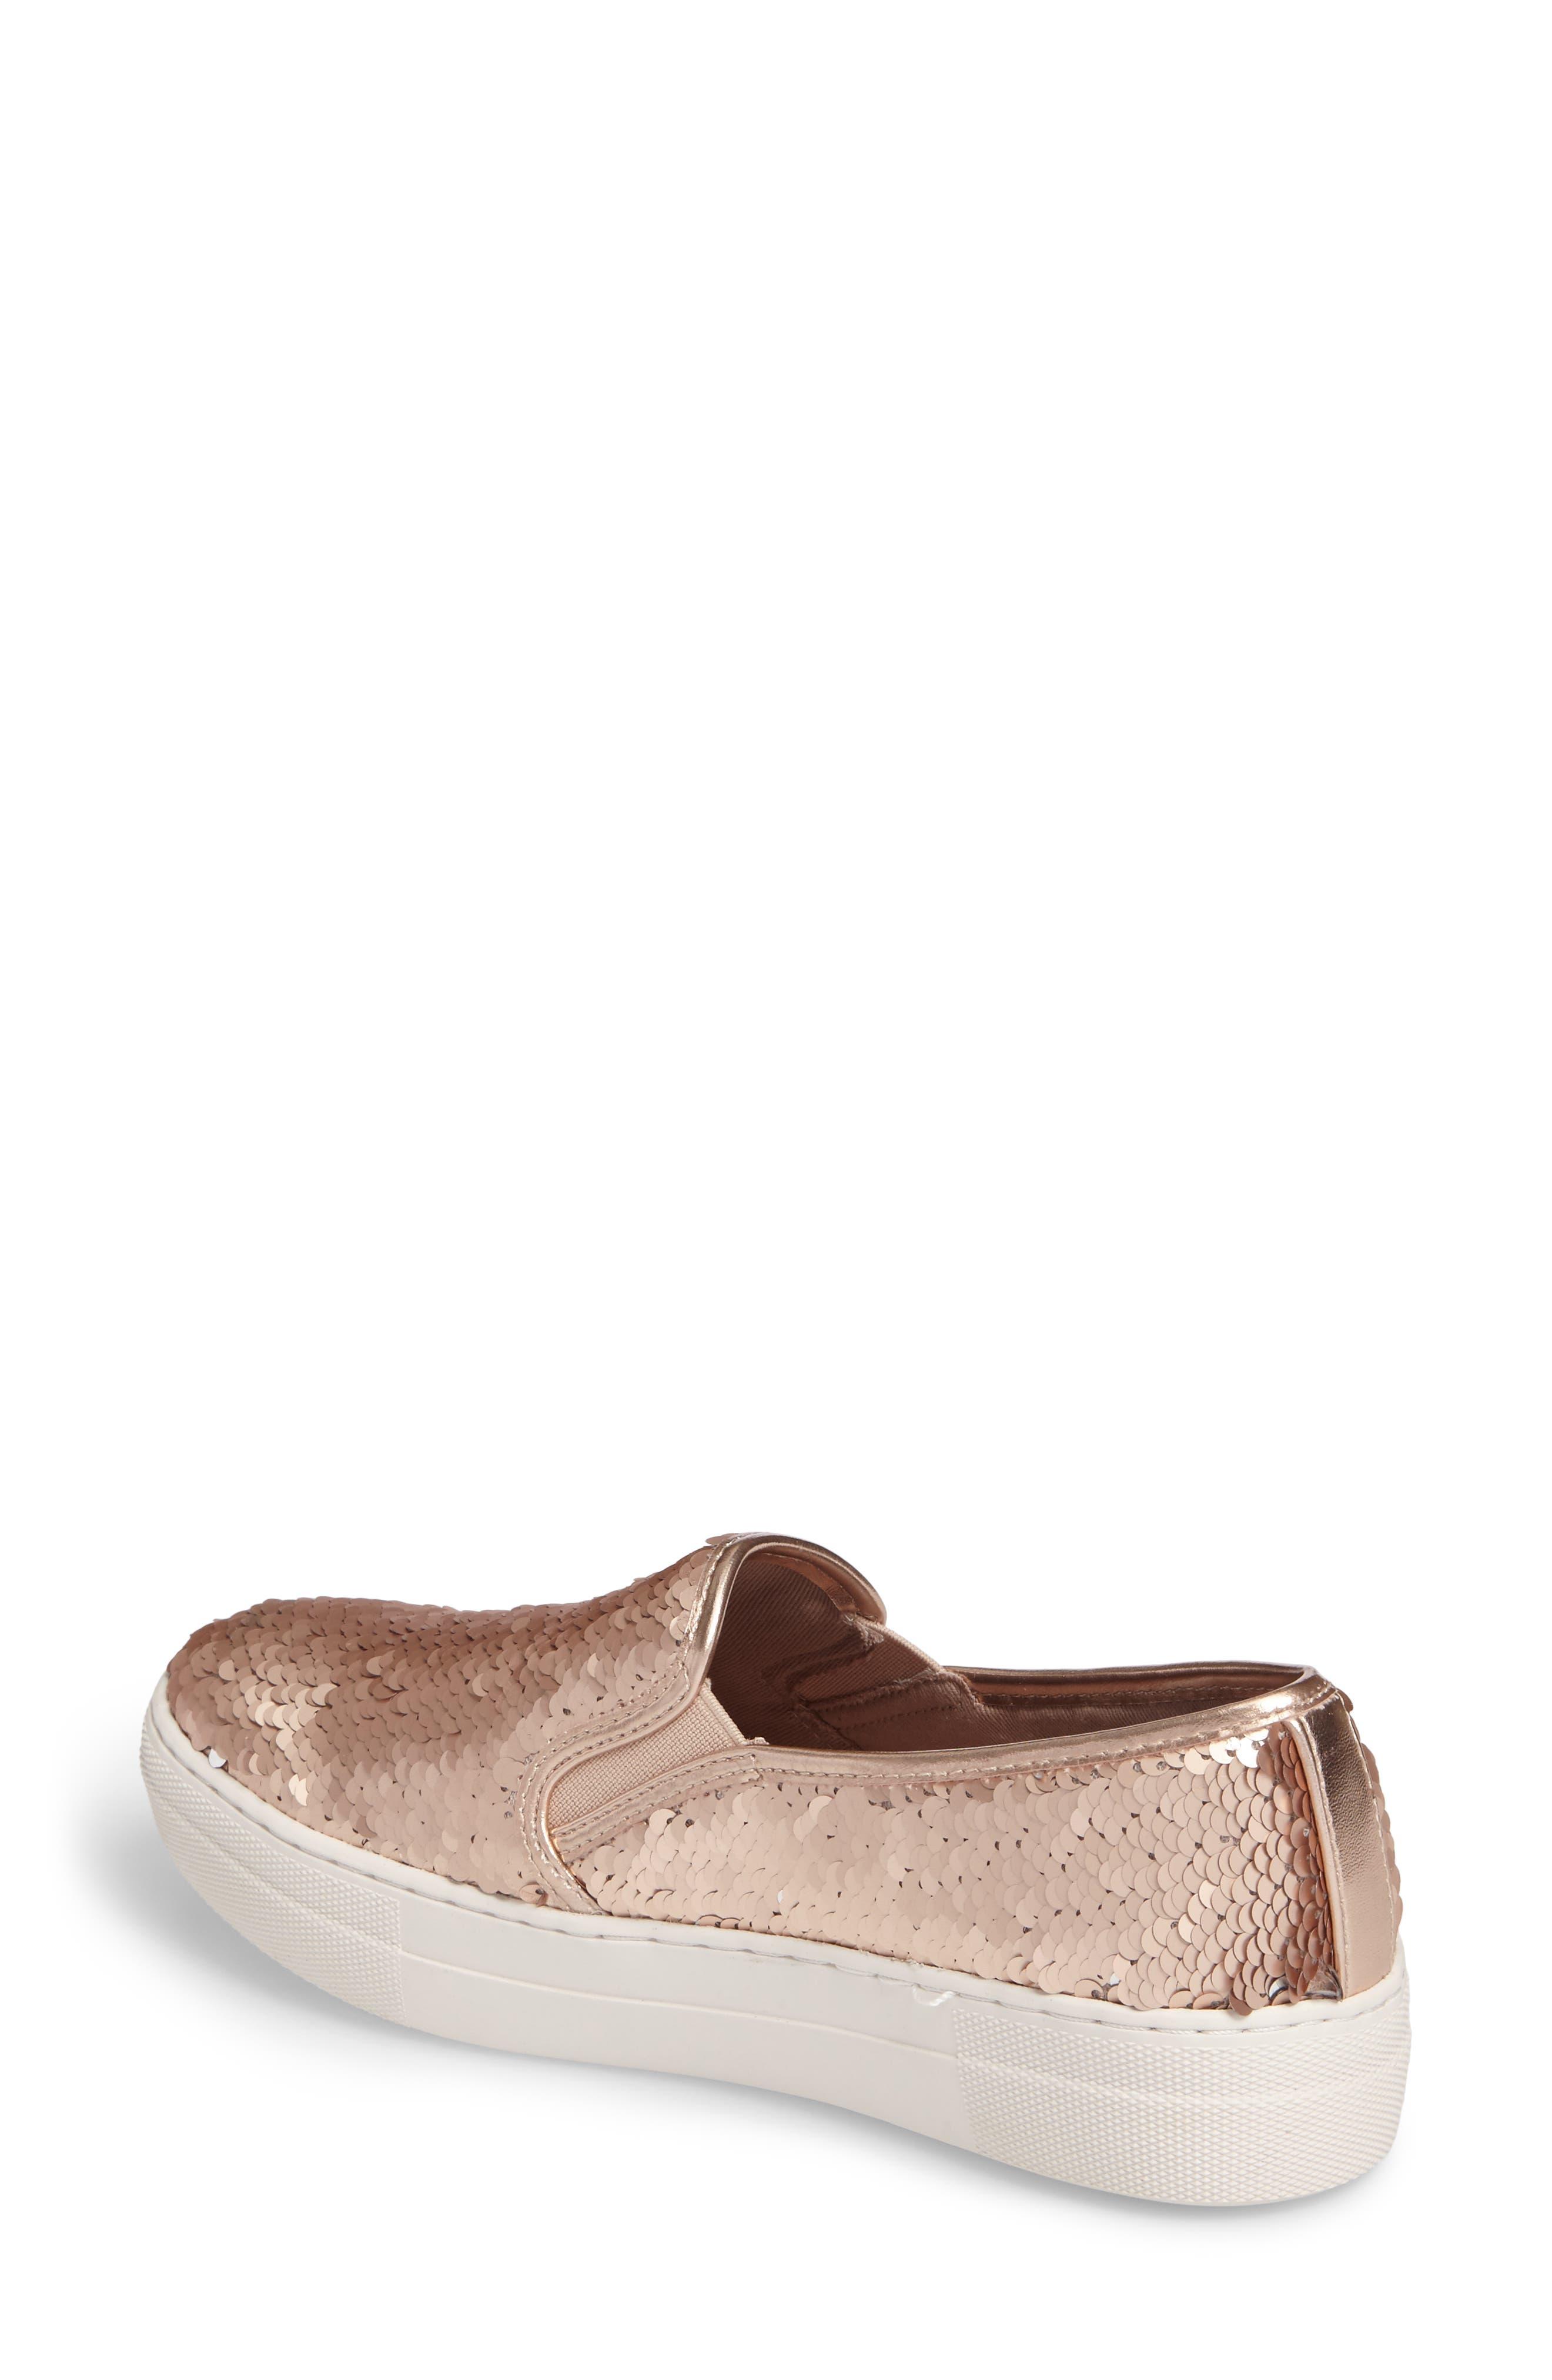 Gills Sequined Slip-On Platform Sneaker,                             Alternate thumbnail 4, color,